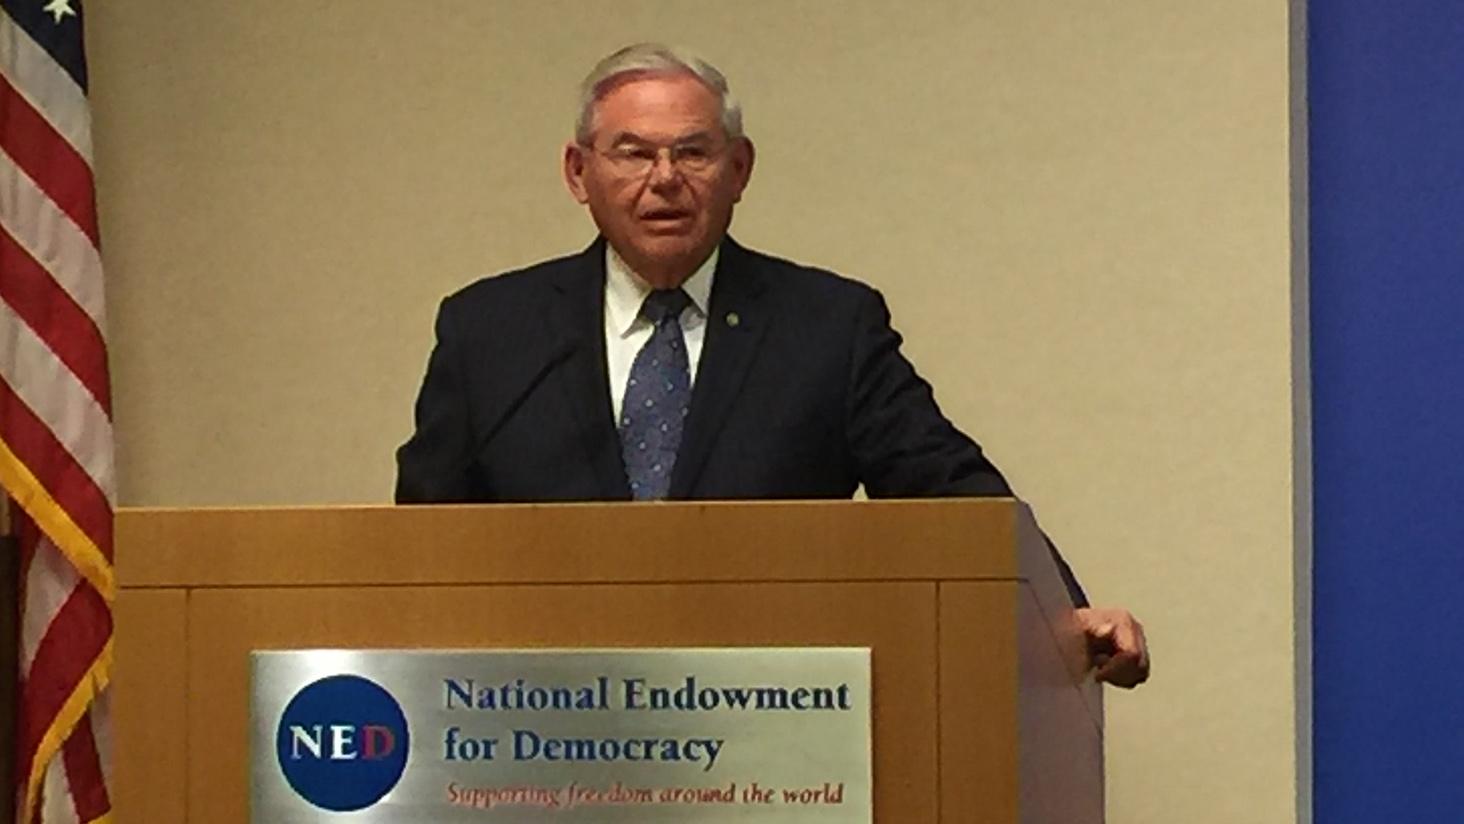 美国国会参议员罗伯特•梅南德兹在美国国家民主基金会纪念六四三十周年研讨会上演讲。(安培提供)